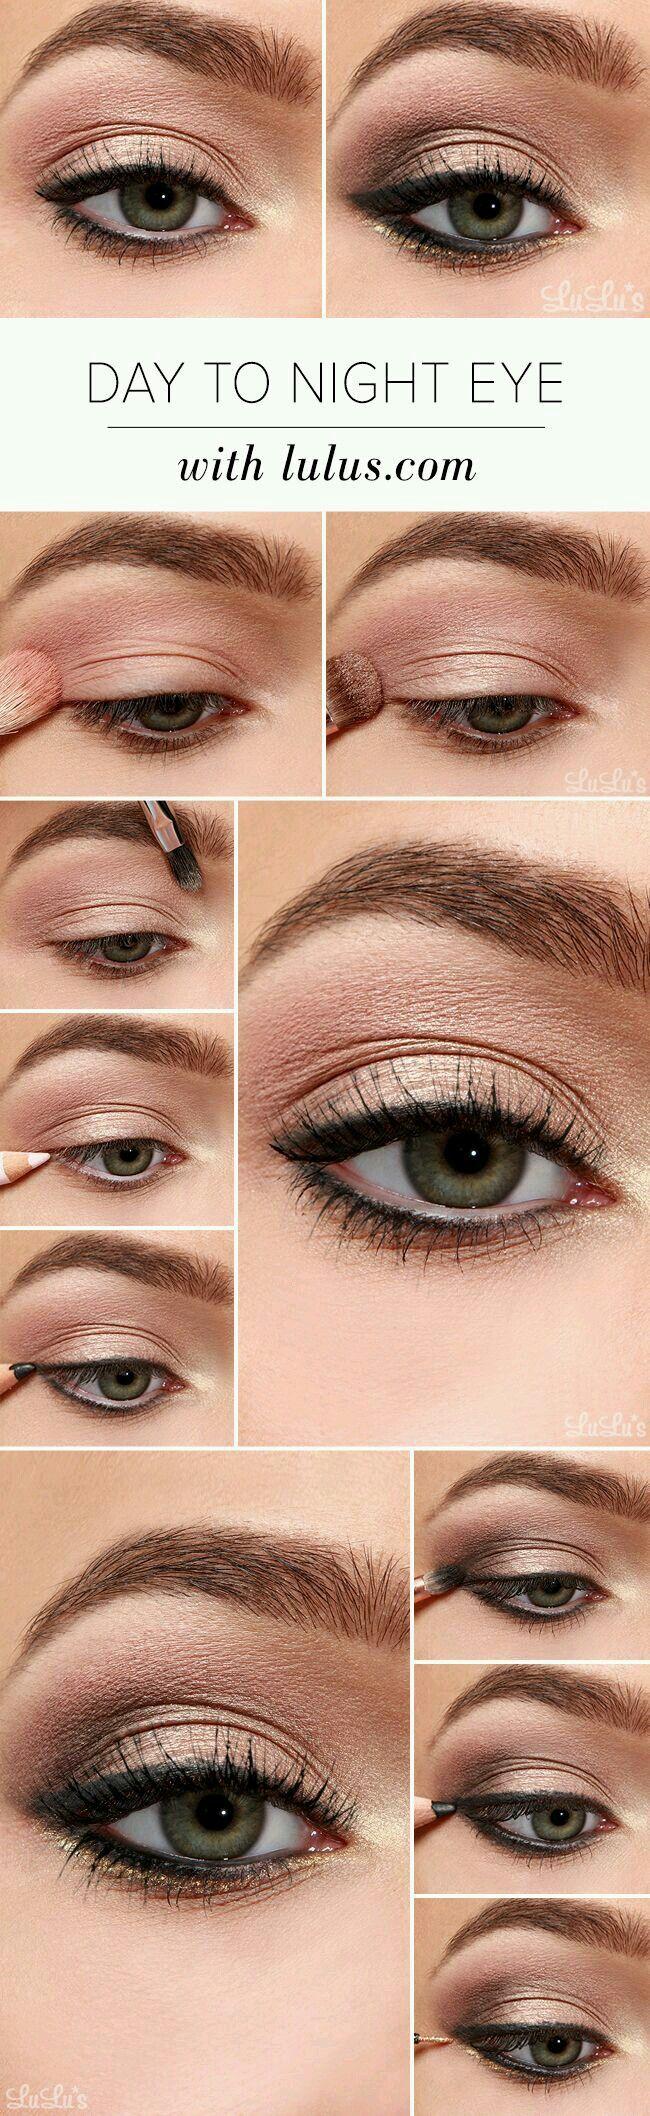 Day to Night Eye Makeup